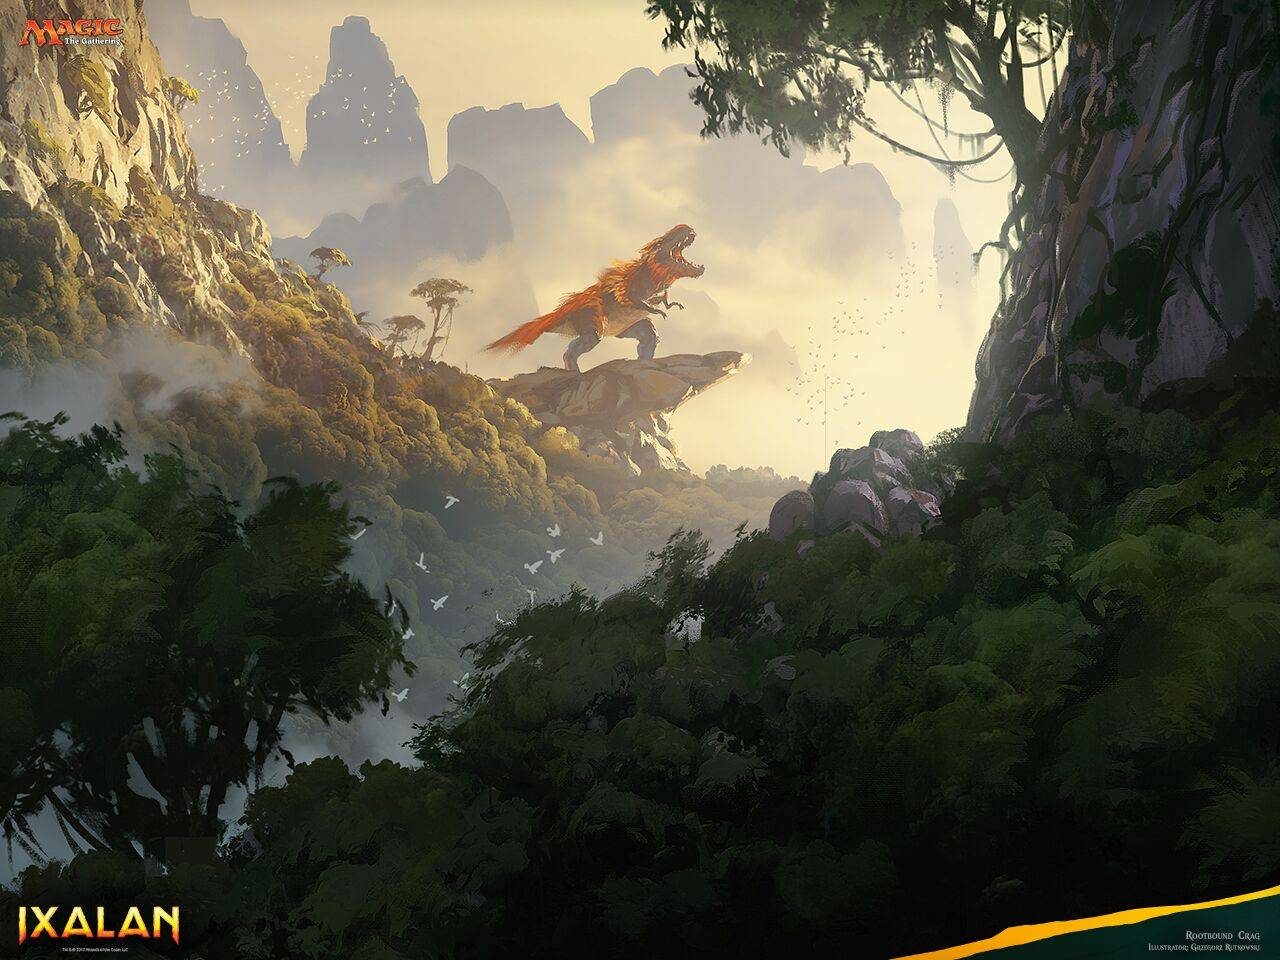 Динозавры, пираты и вампиры: в продажу выходит новый выпуск MtG «Иксалан» 1